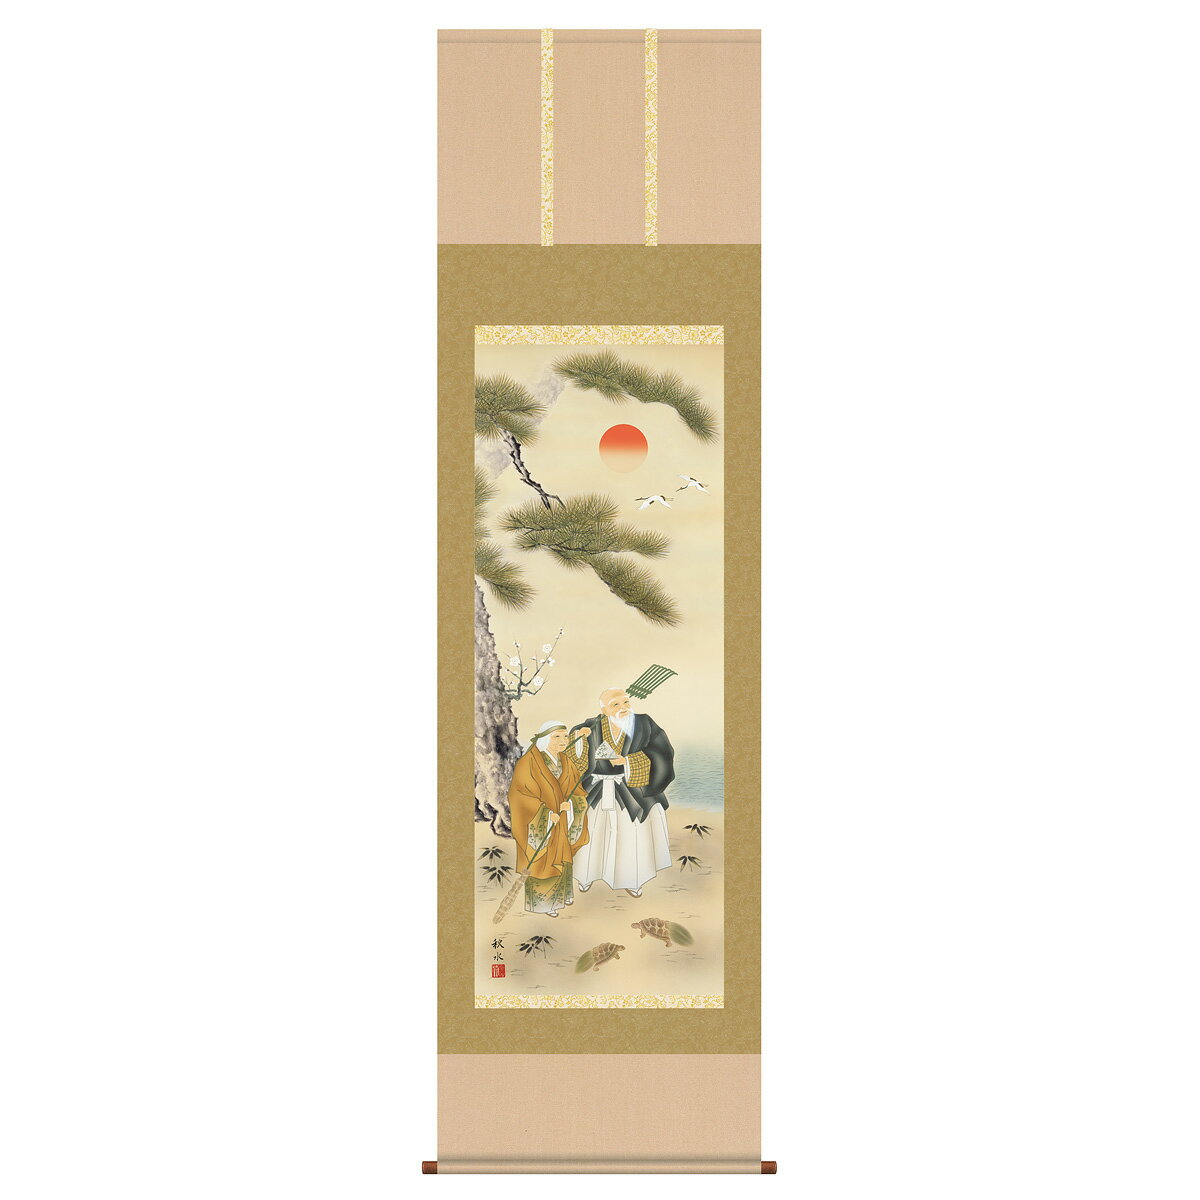 節句 正月 掛け軸 「浮田秋水(草夕会)作 高砂 掛け軸」2016年雛人形 ●正月飾り